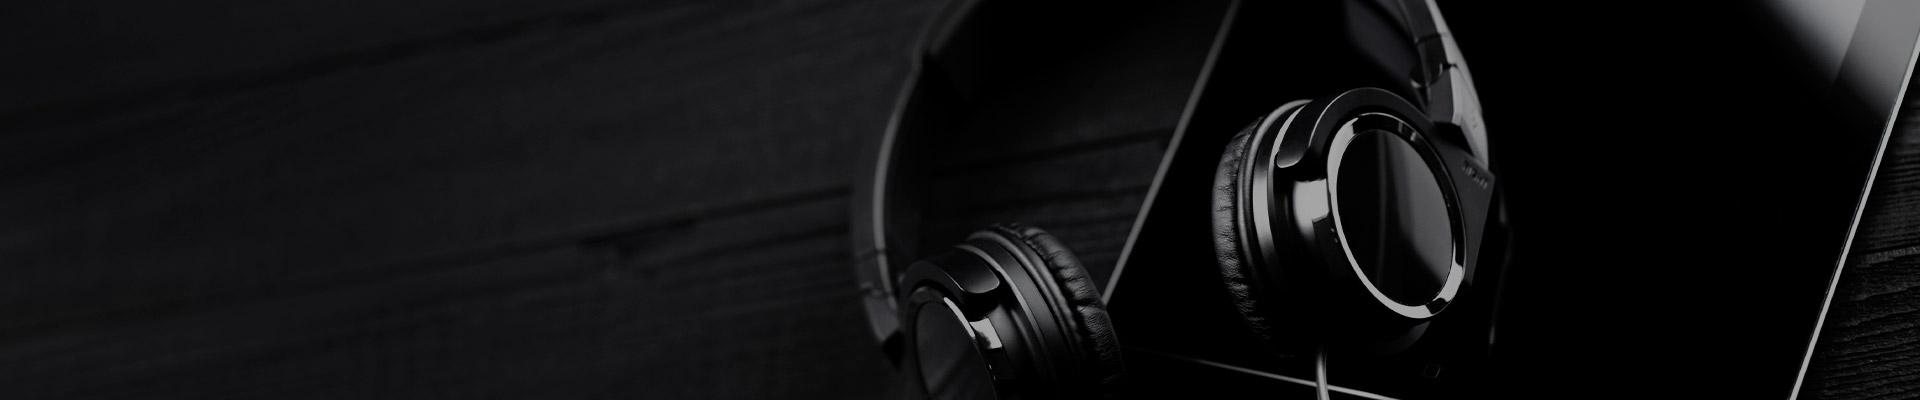 オリジナル音楽制作・作曲/作詞/編曲の外注・依頼について